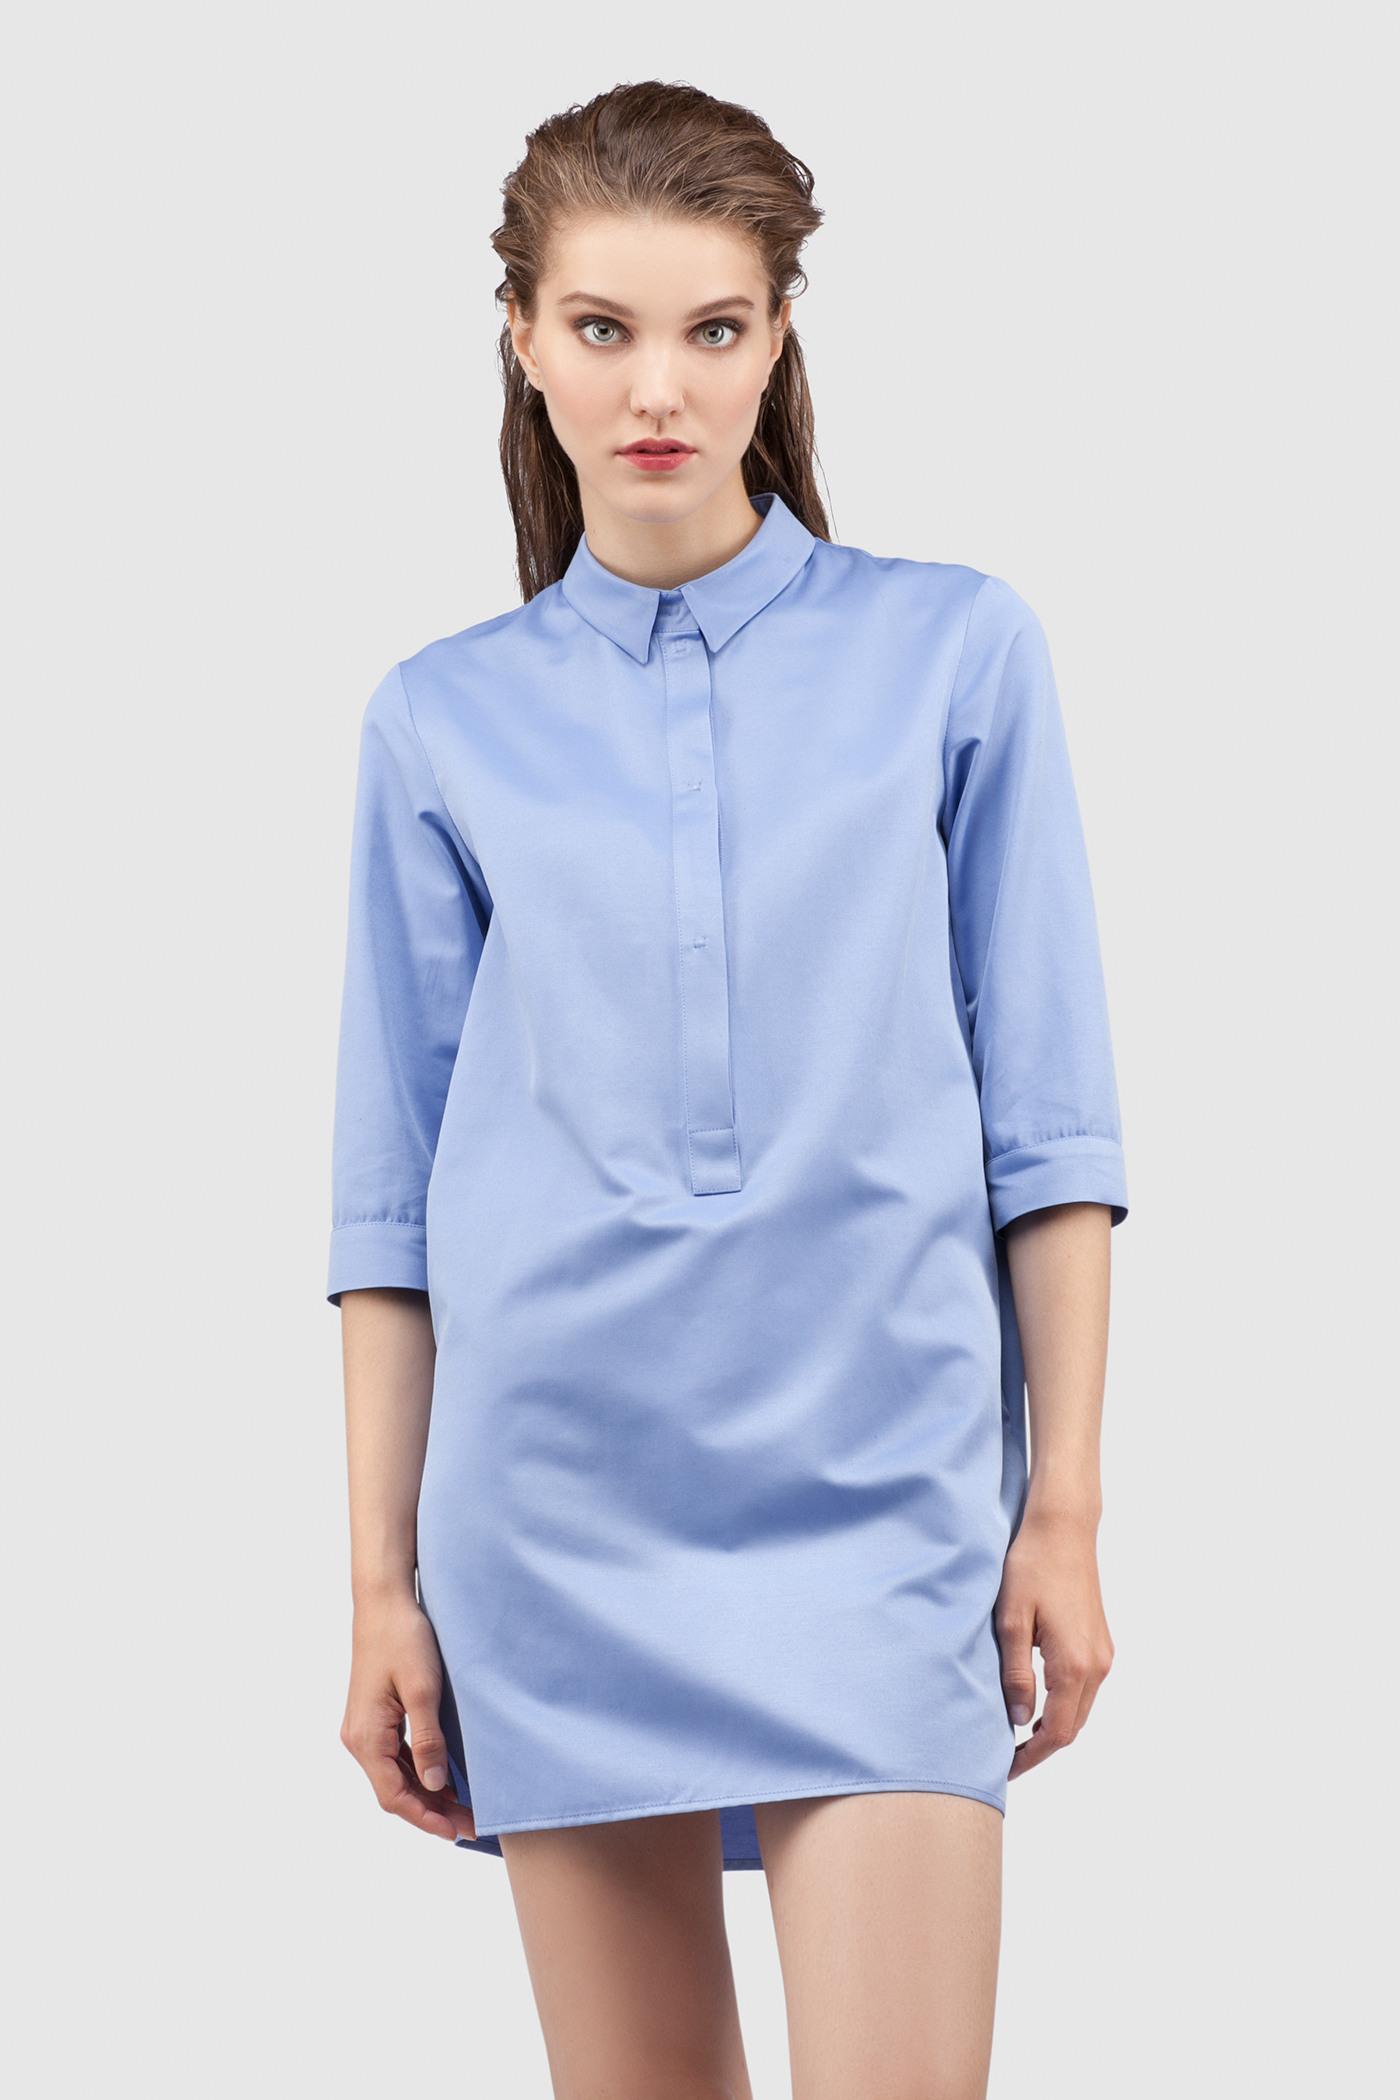 РубашкаУдлиненная рубашка из хлопка&#13;<br>&#13;<br>&#13;<br>застегивается на пуговицы&#13;<br>&#13;<br>рукава 3/4&#13;<br>&#13;<br>прямой силуэт&#13;<br>&#13;<br>длина рубашки по спинке — 80 см&#13;<br>&#13;<br>ФИНАЛЬНАЯ РАСПРОДАЖА - обмену и возврату не подлежит!<br><br>Цвет: Васильковый<br>Размер: XS, S<br>Ростовка: 176 -182, 164 -170